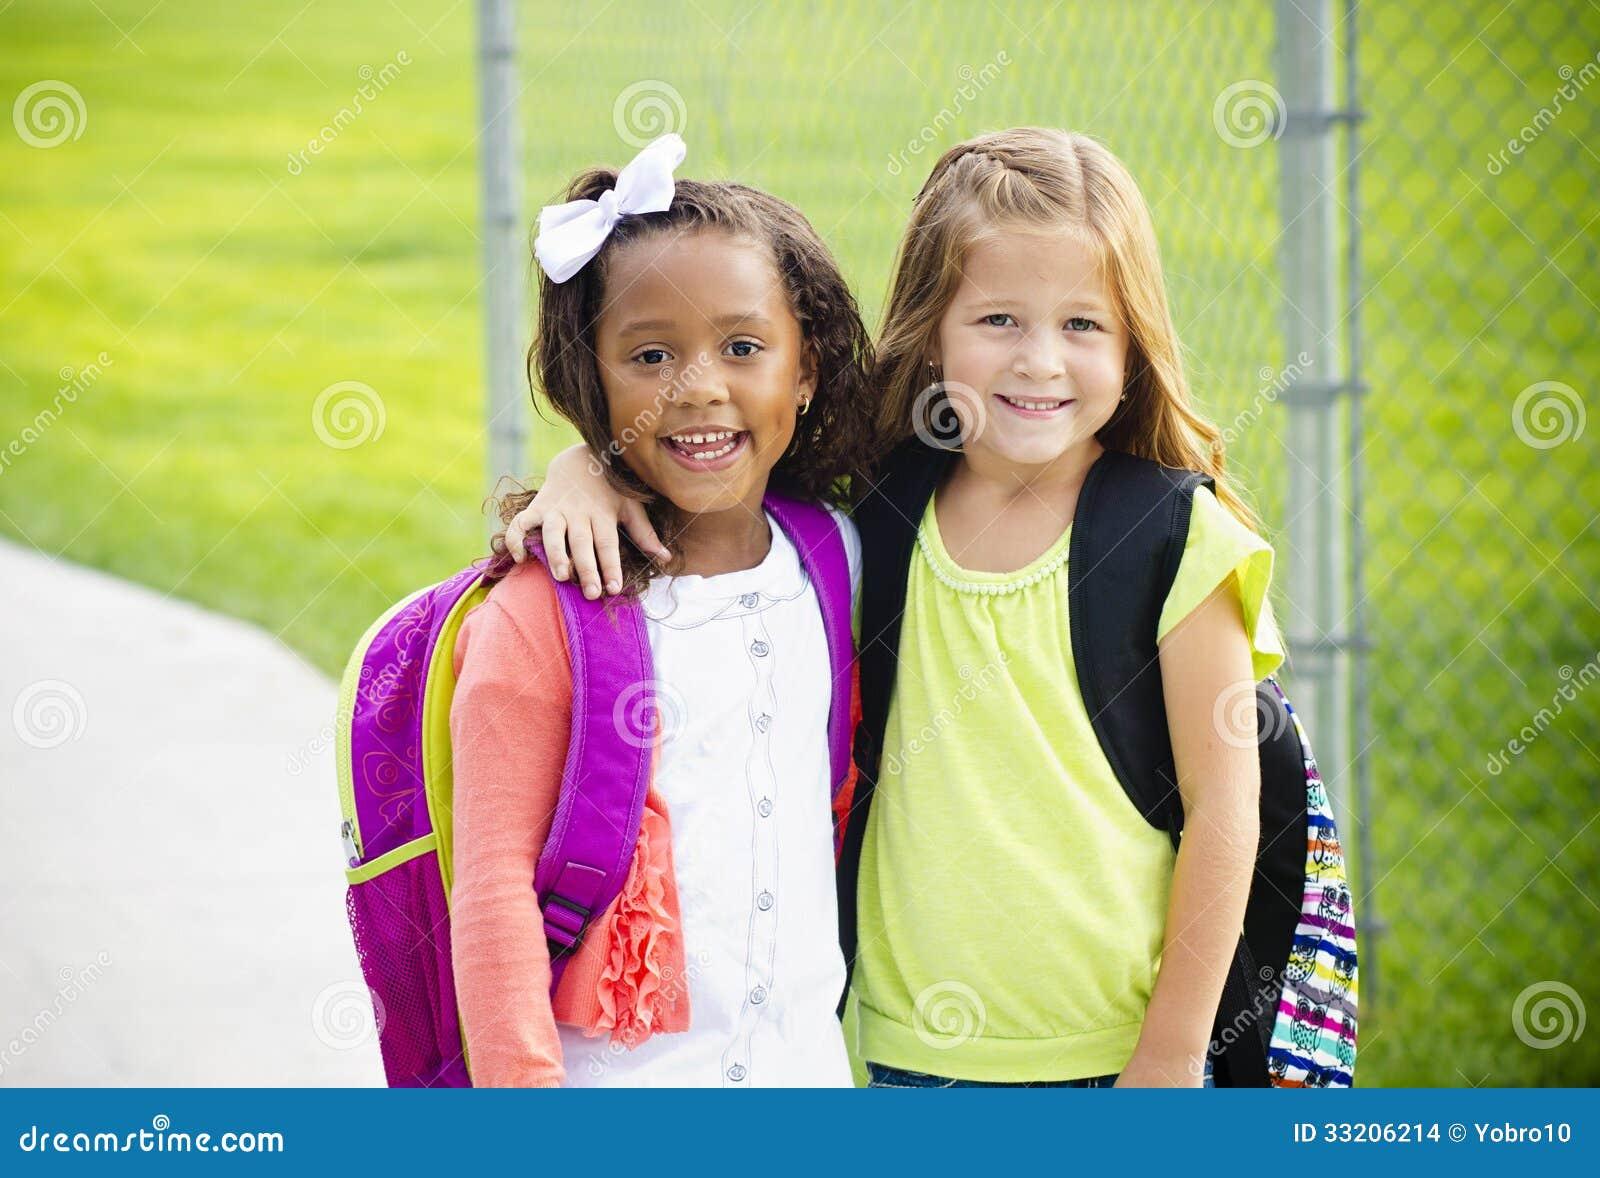 kids at 2 - photo #23